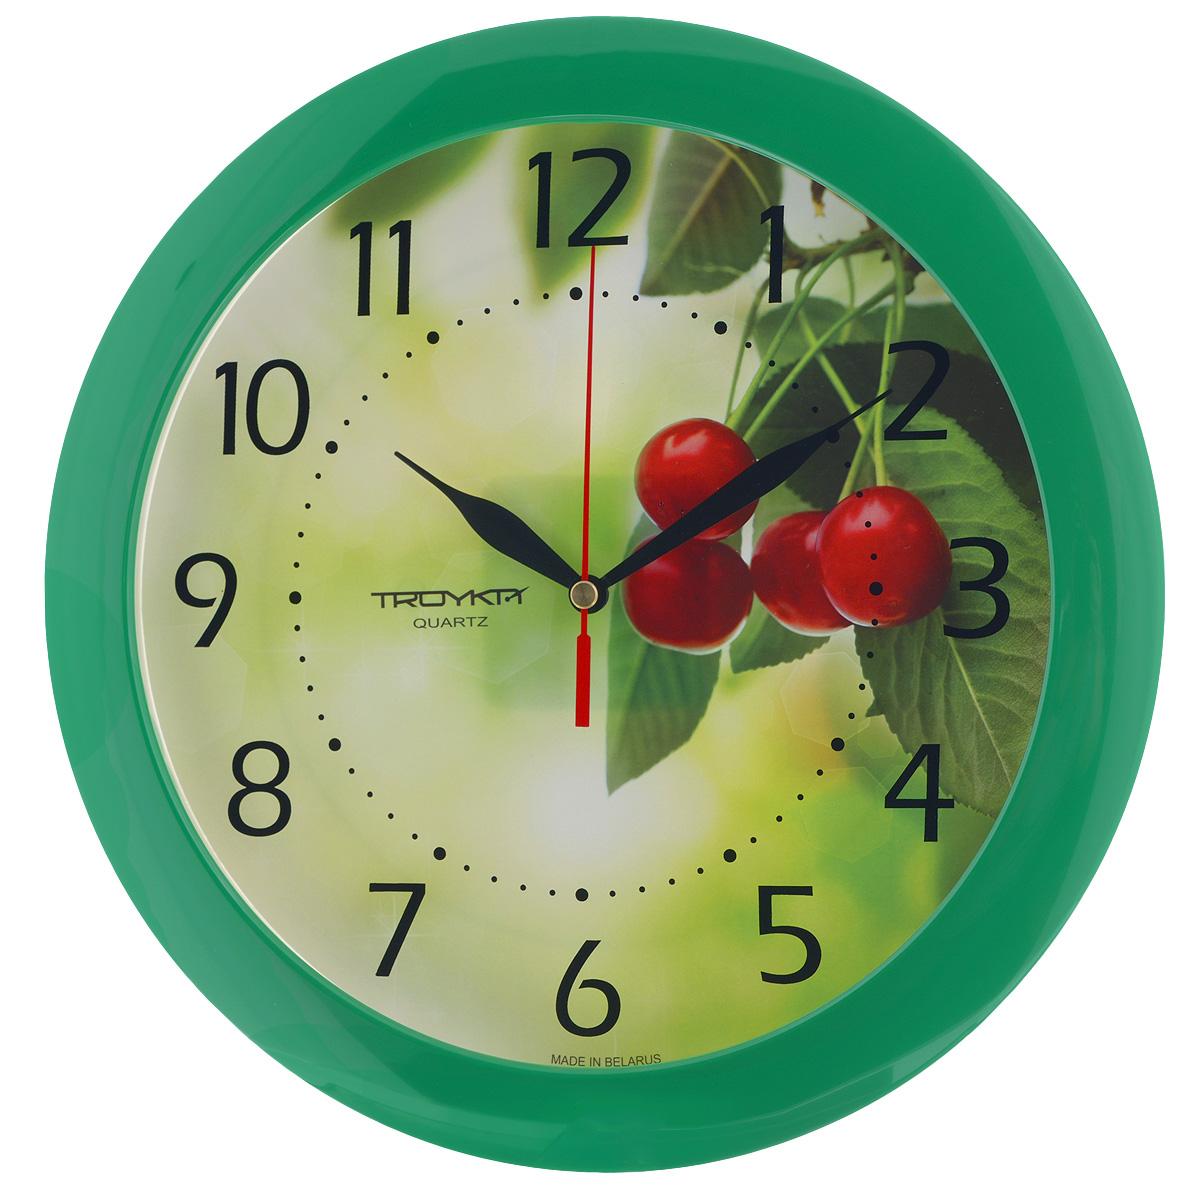 Часы настенные Troyka Вишенки, цвет: зеленый, красный. 1112016211120162Настенные кварцевые часы Troyka Вишенки, изготовленные из пластика, прекрасно подойдут под интерьер вашего дома. Круглые часы имеют три стрелки: часовую, минутную и секундную, циферблат украшен изображением вишни и защищен прозрачным пластиком. Диаметр часов: 29 см. Часы работают от 1 батарейки типа АА напряжением 1,5 В (входит в комплект).